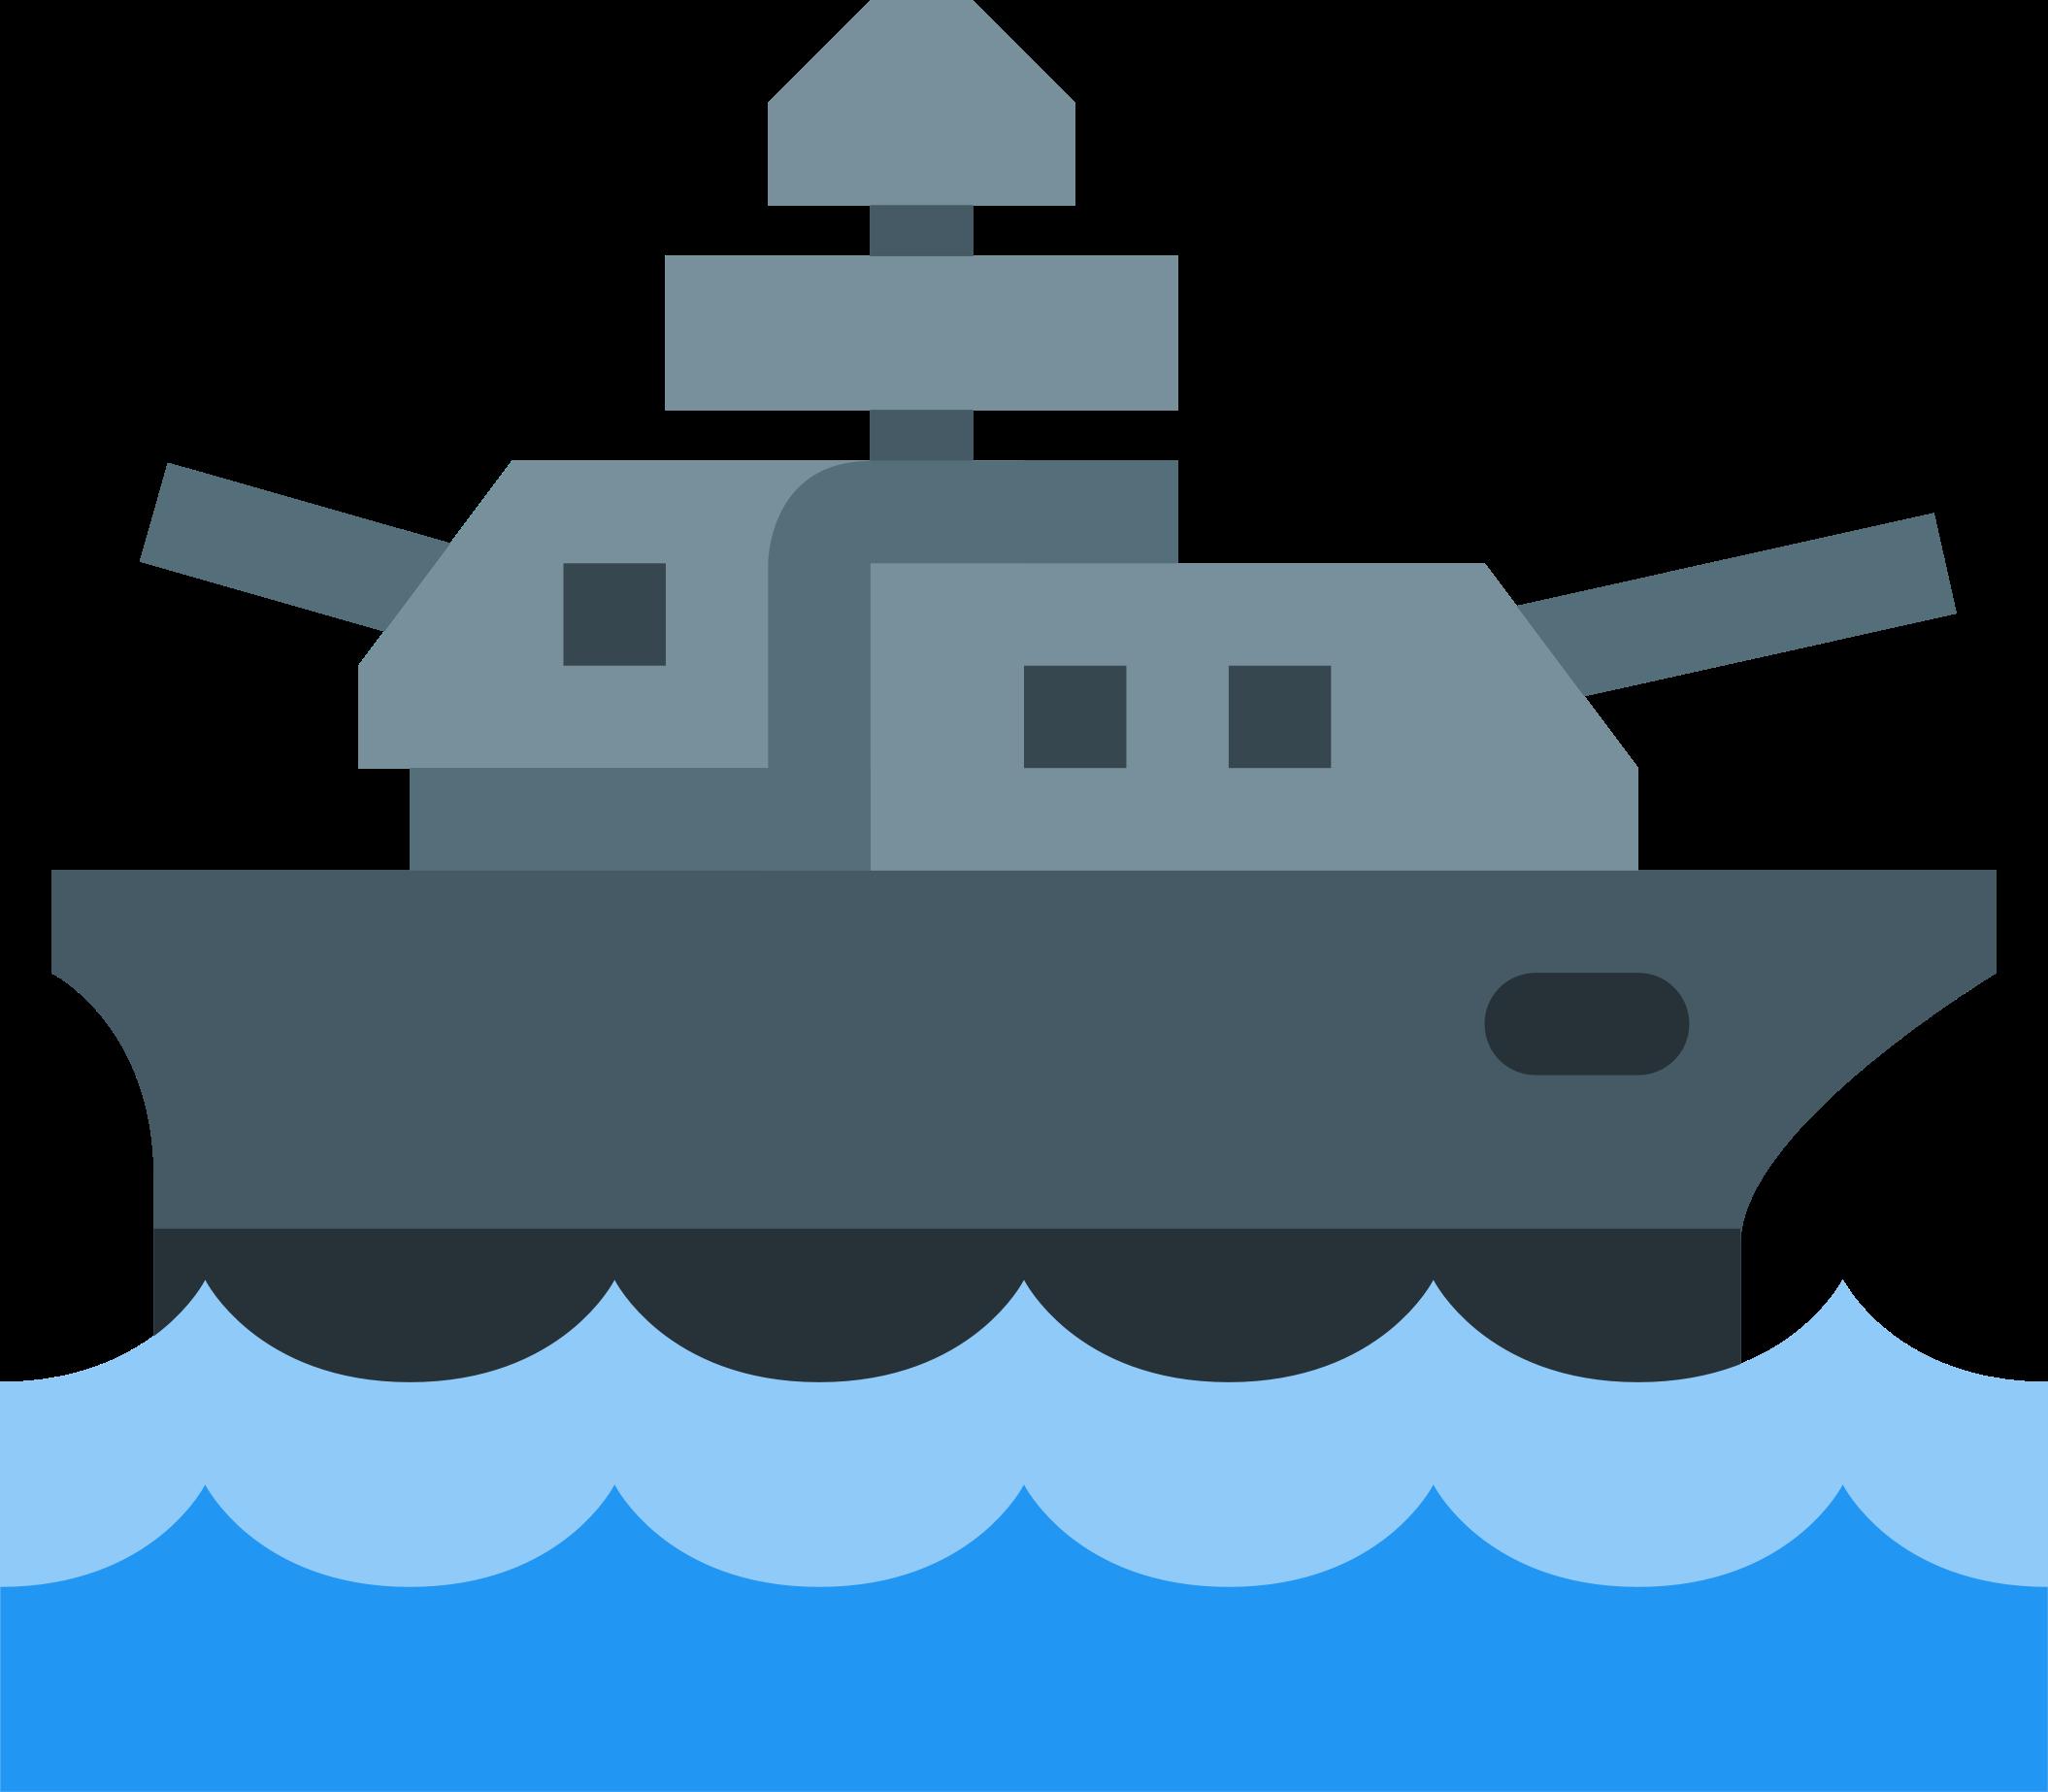 clipart battleship rh openclipart org battleship clipart free Cartoon Battleship